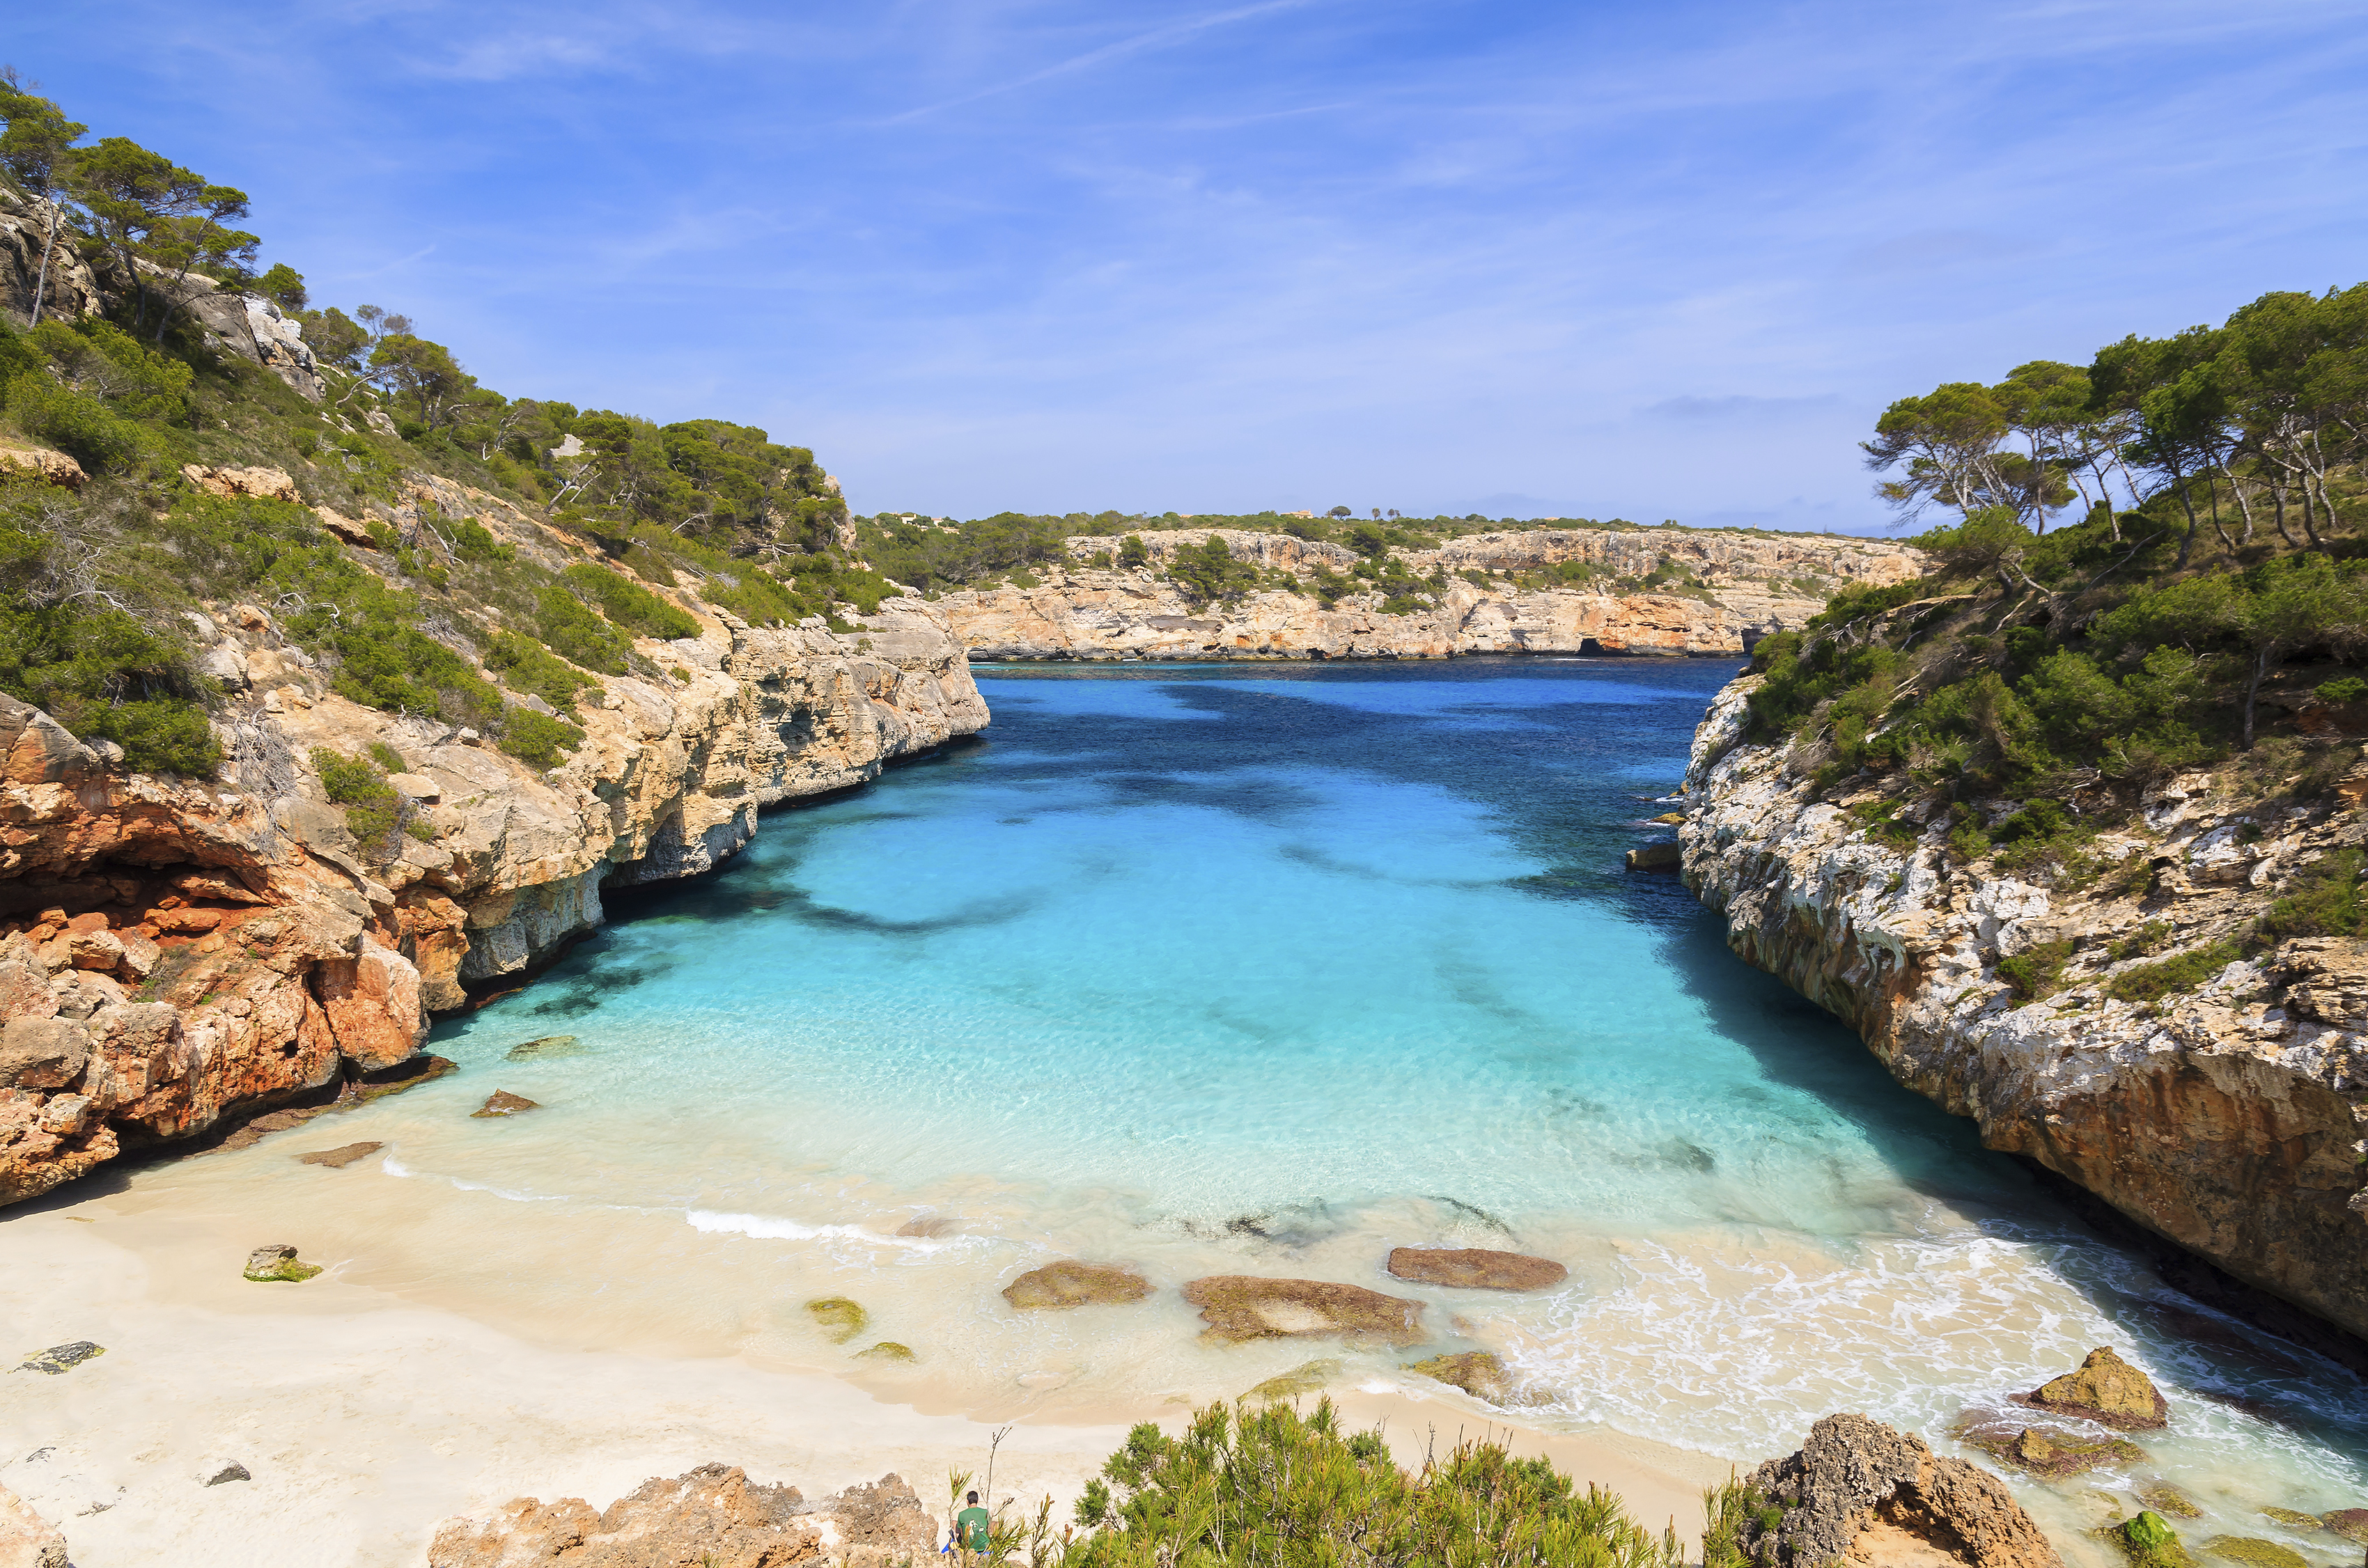 Mapa Calas De Mallorca.Las 10 Playas Mas Cristalinas De Mallorca Skyscanner Espana